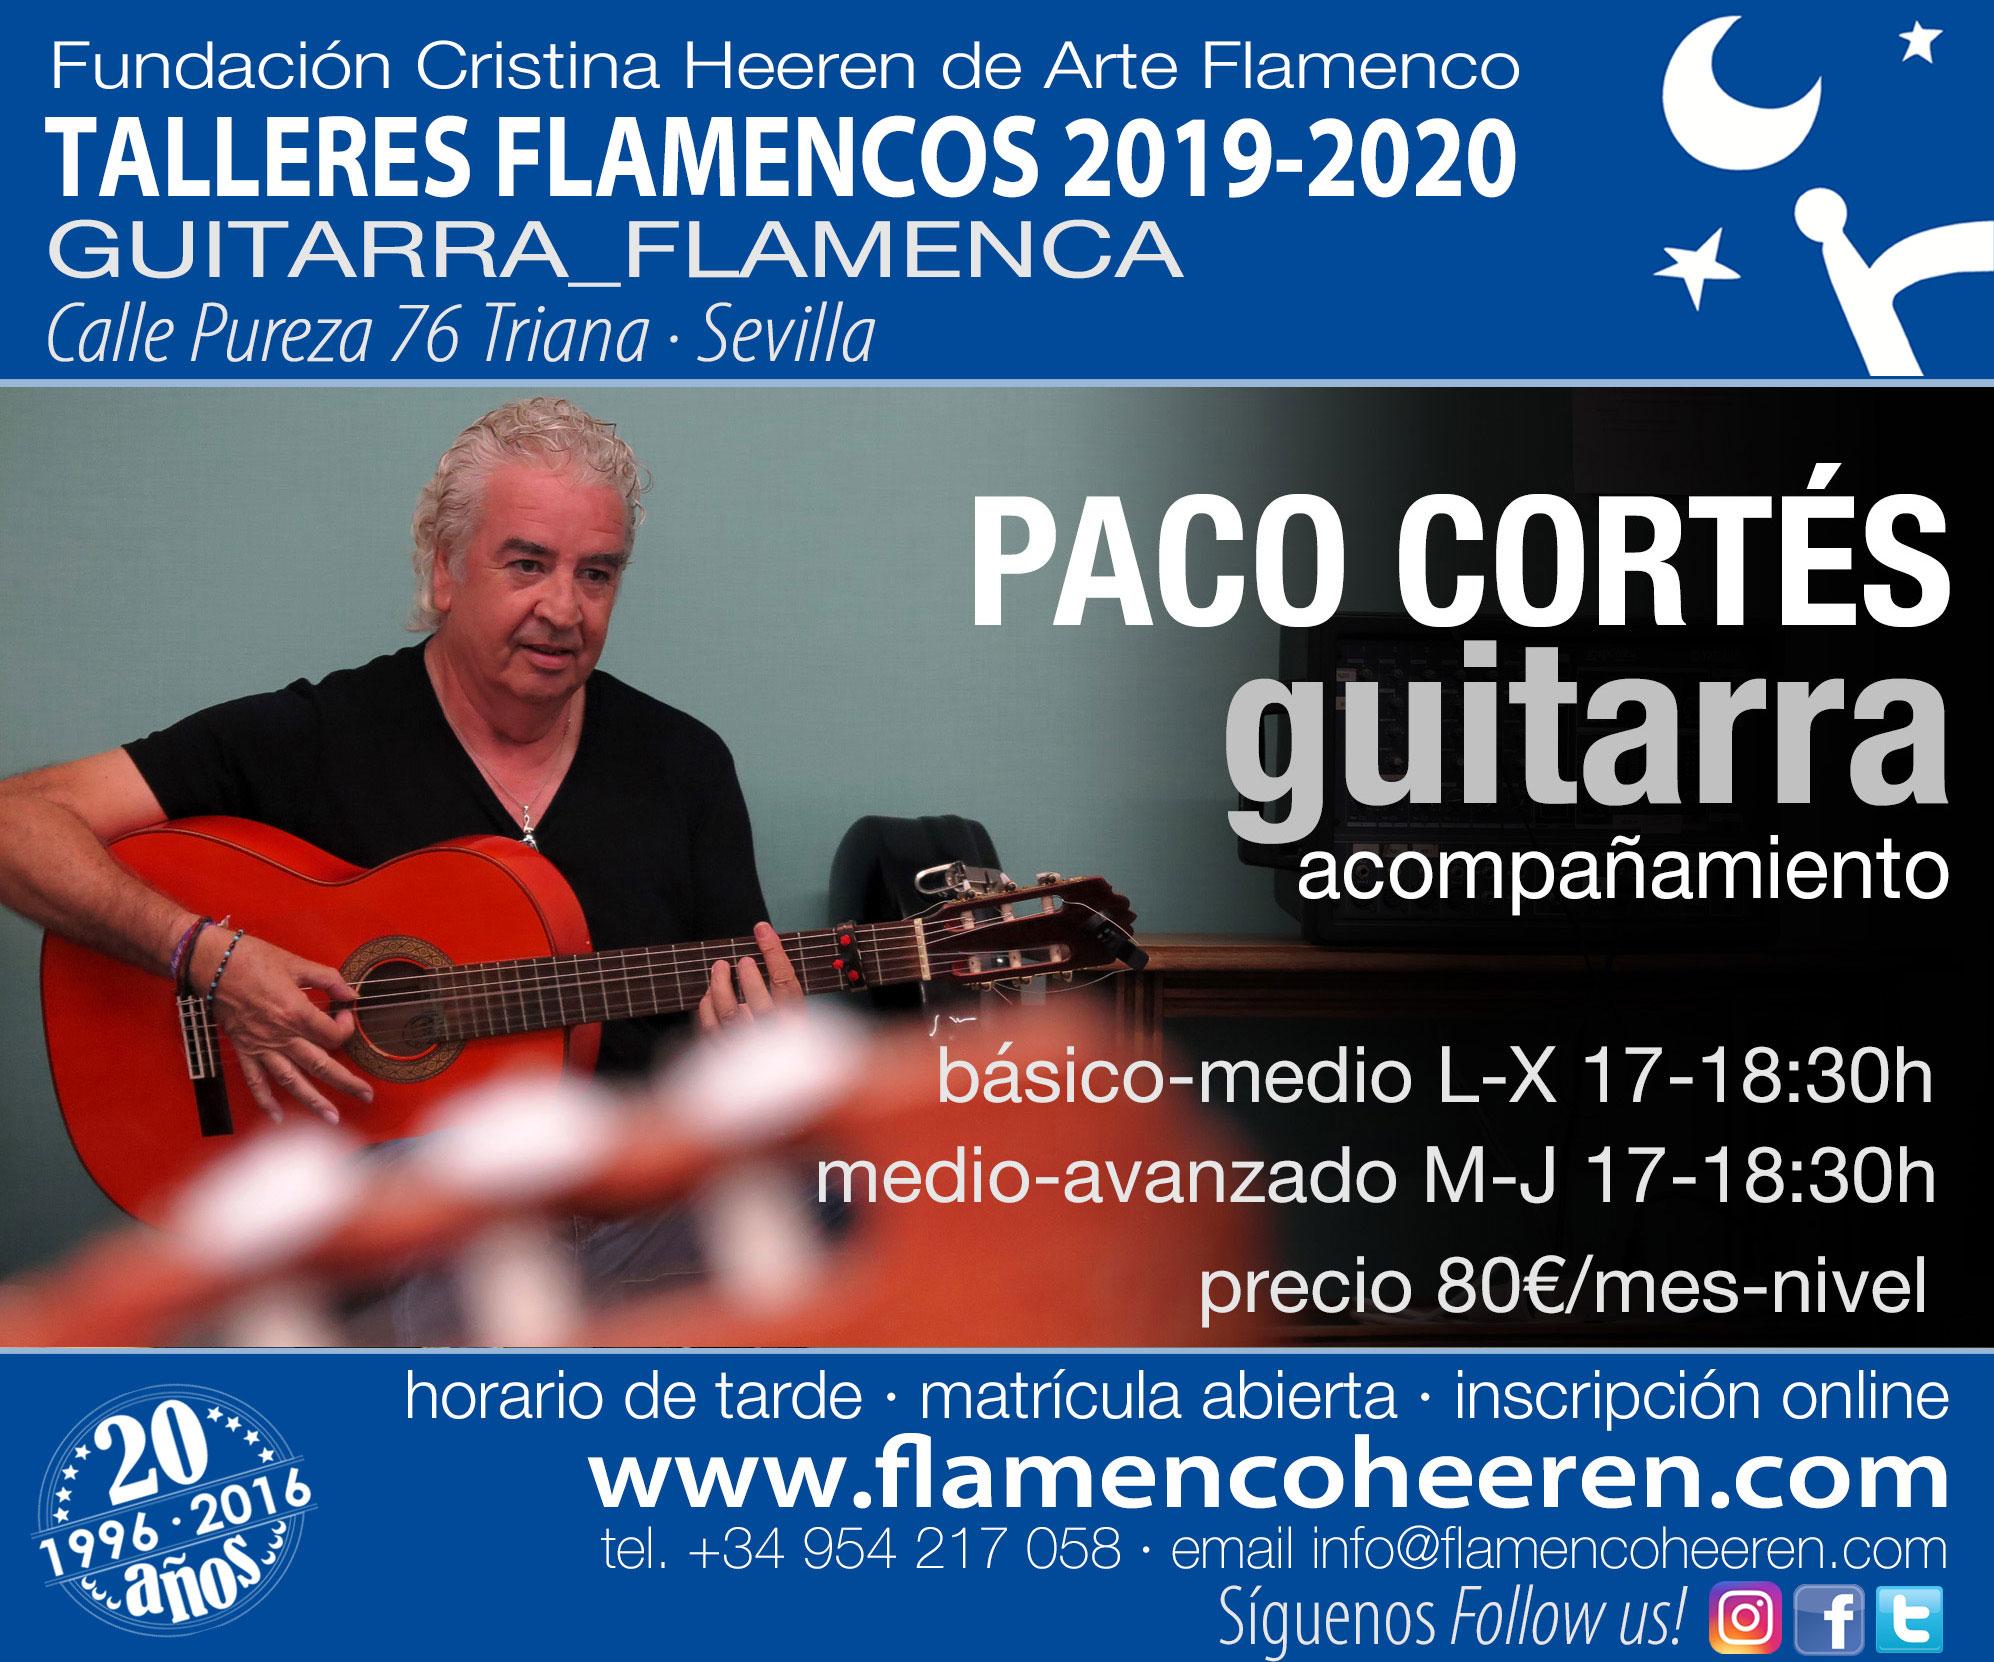 Paco Cortés, guitarra acompañamiento. Talleres flamencos Fundación Cristina Heeren